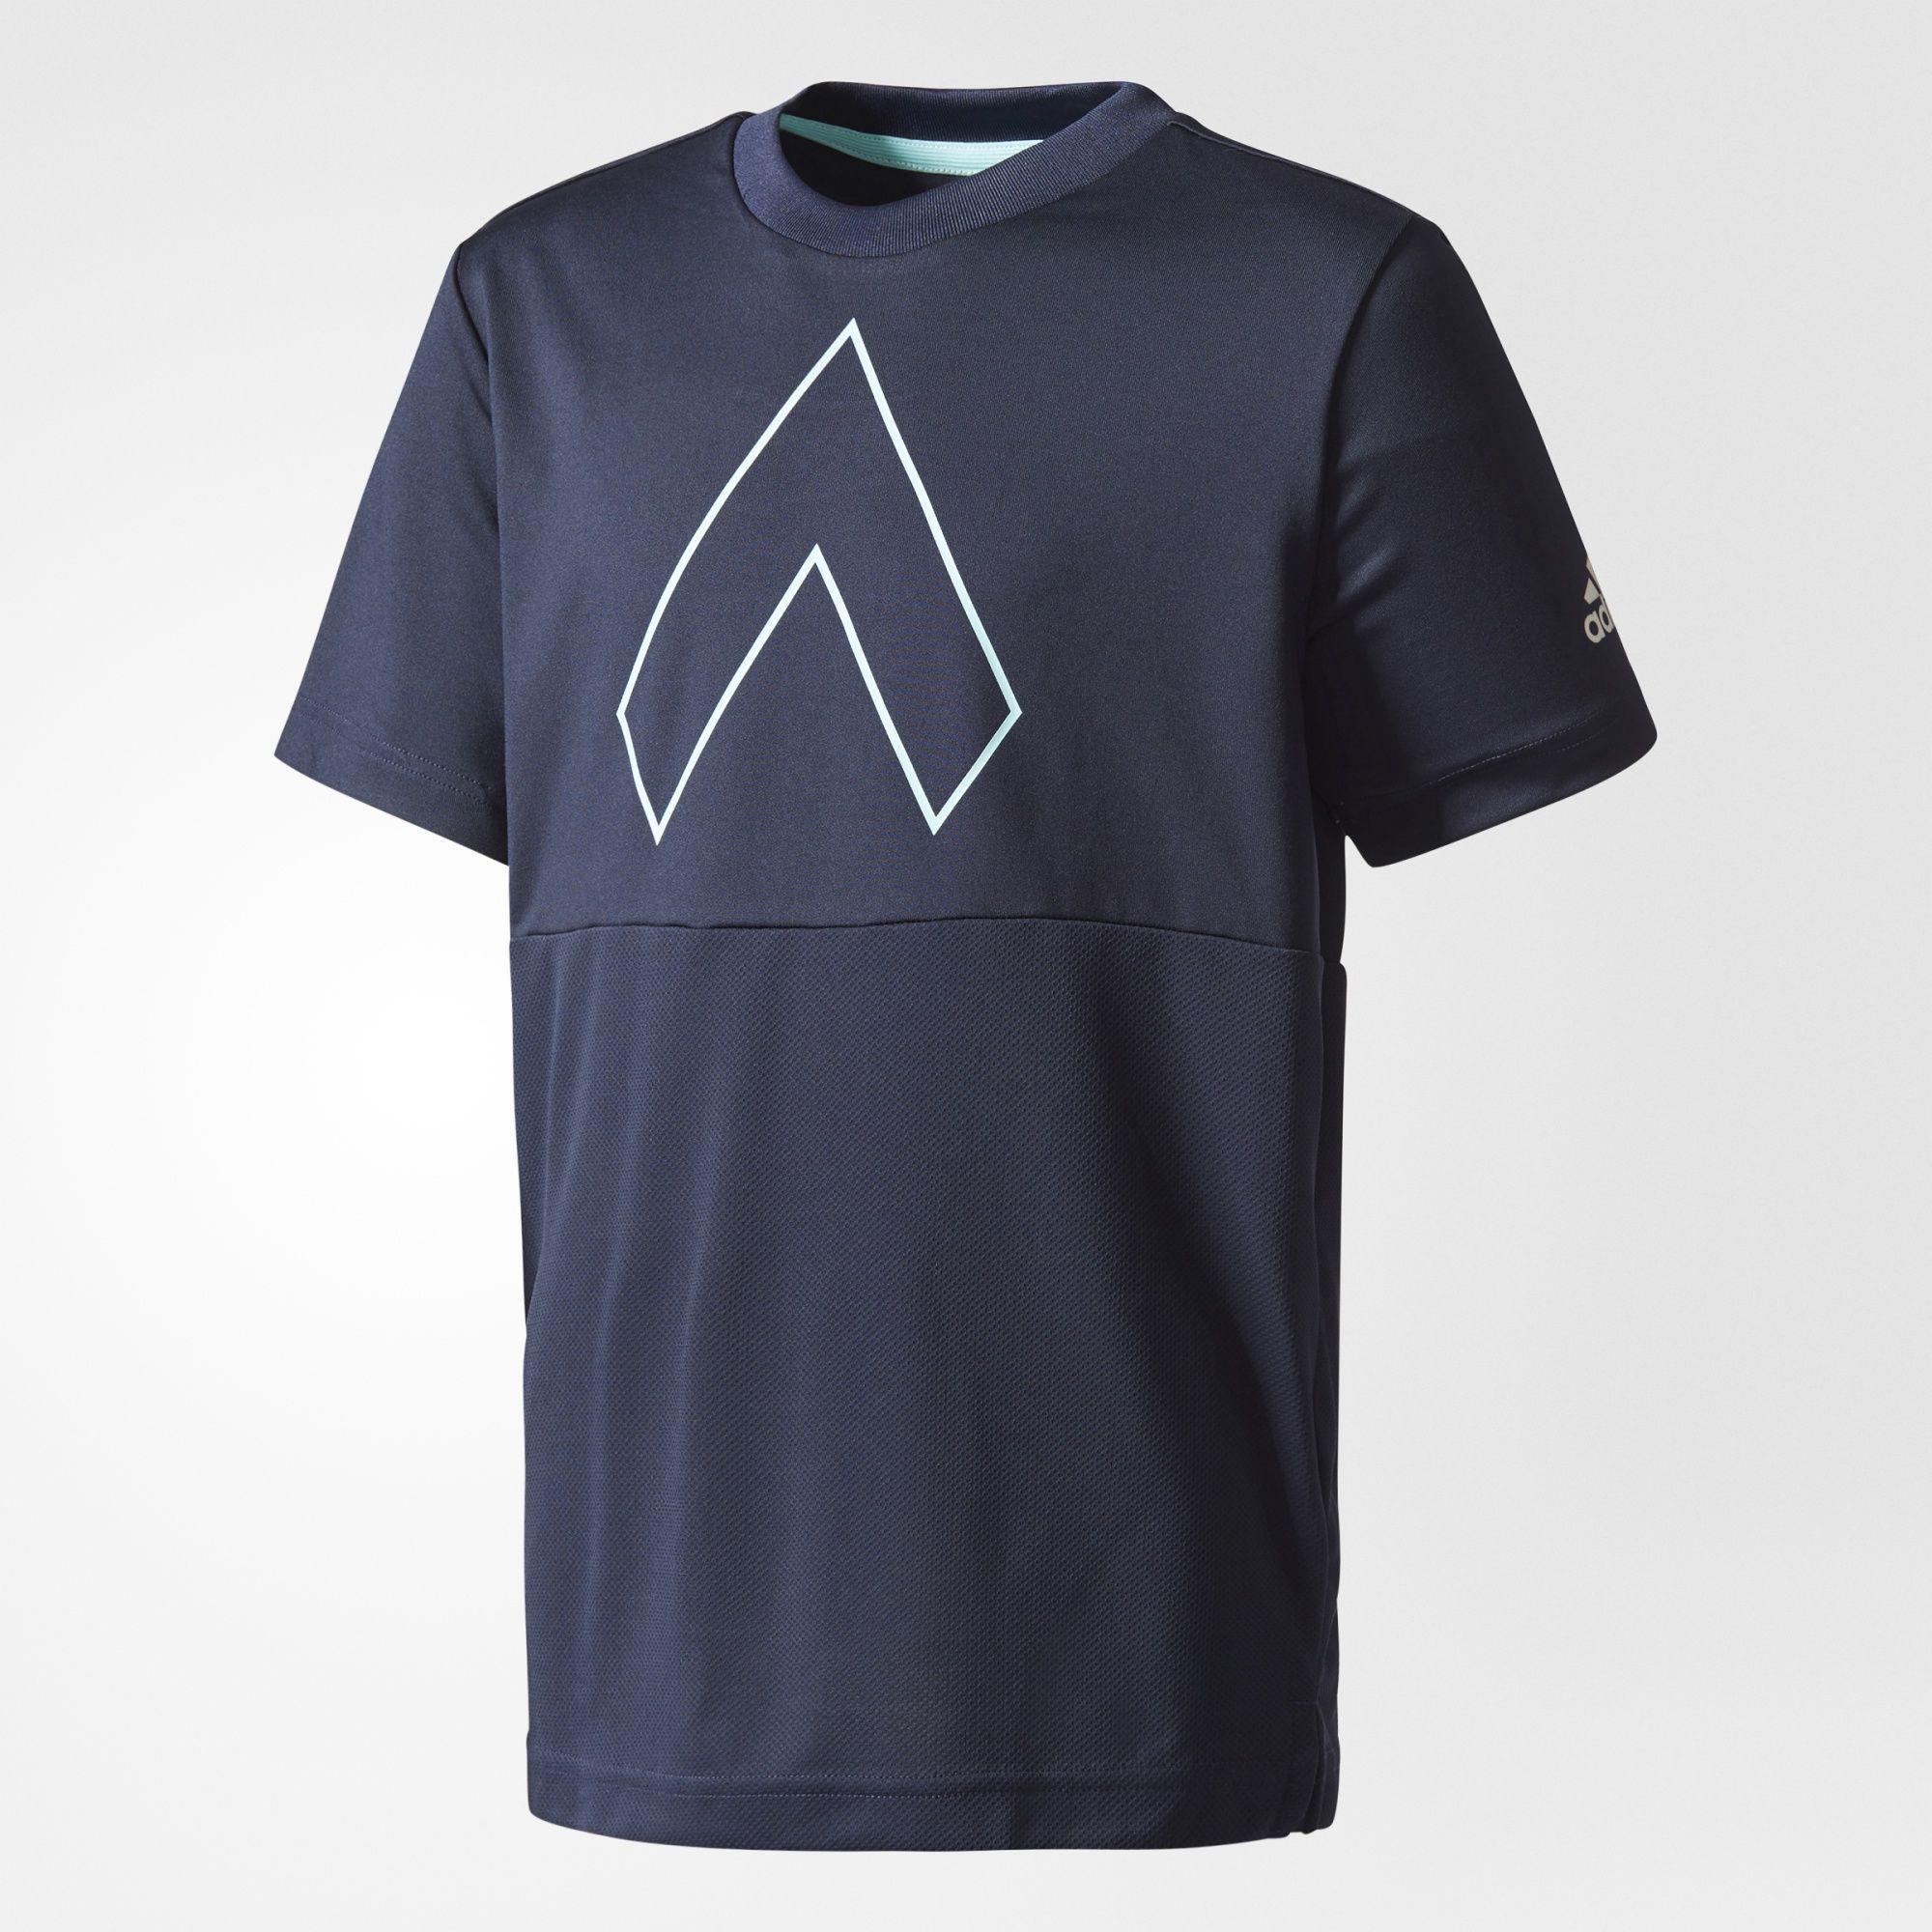 Kinder ACE Football T-Shirt, LEGINK/ENEAQU, 164